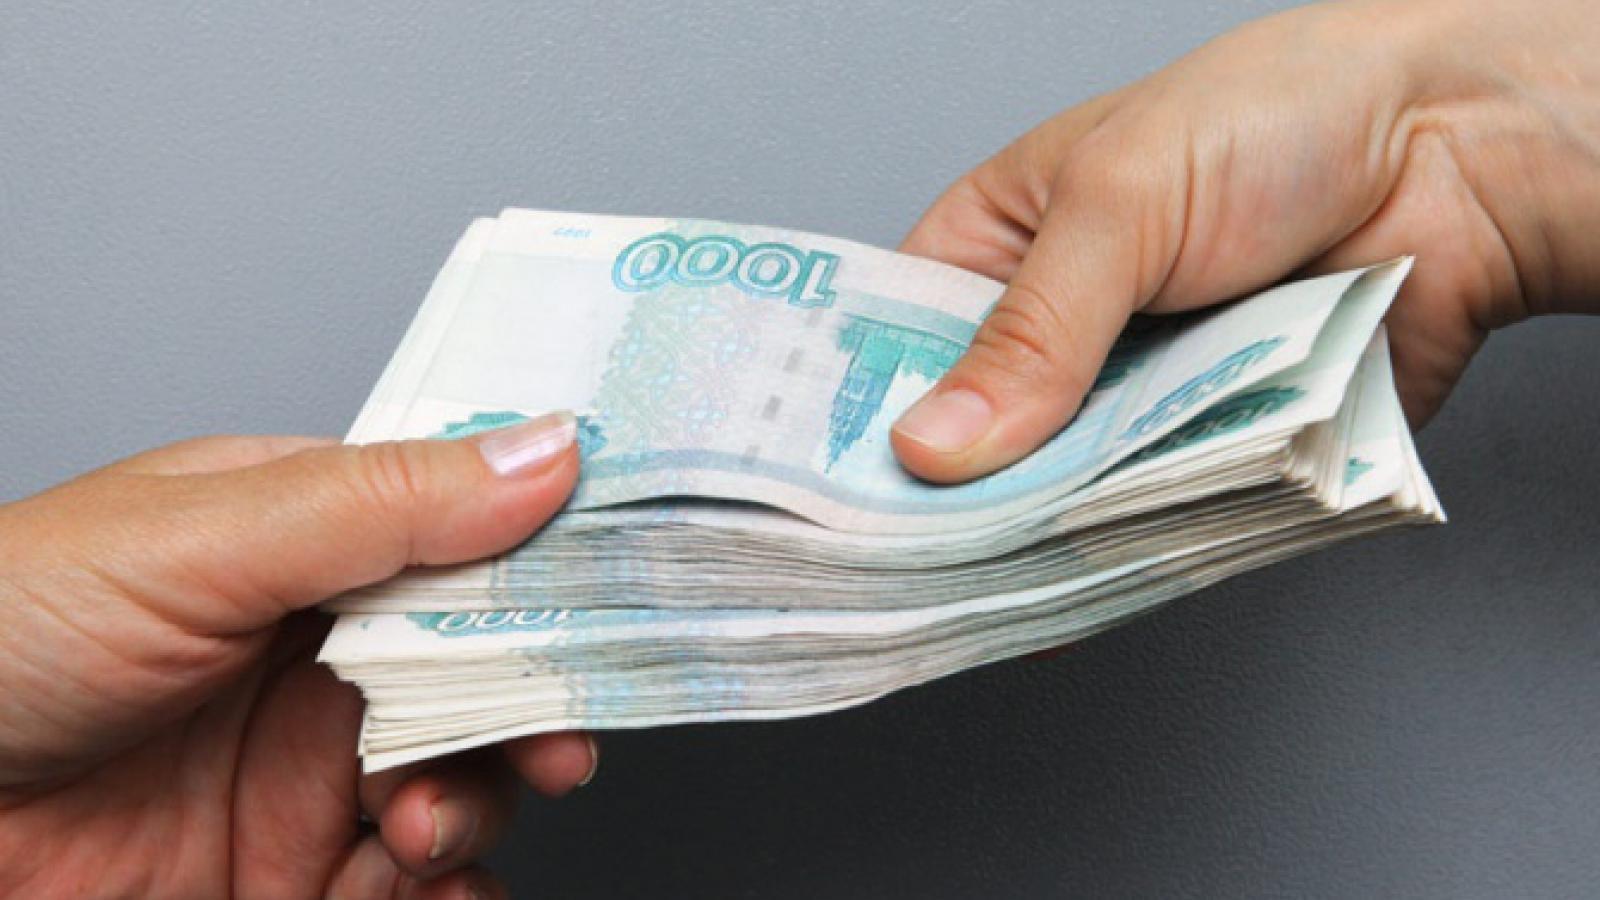 Вологжане чаще влезают в кредиты на учёбу